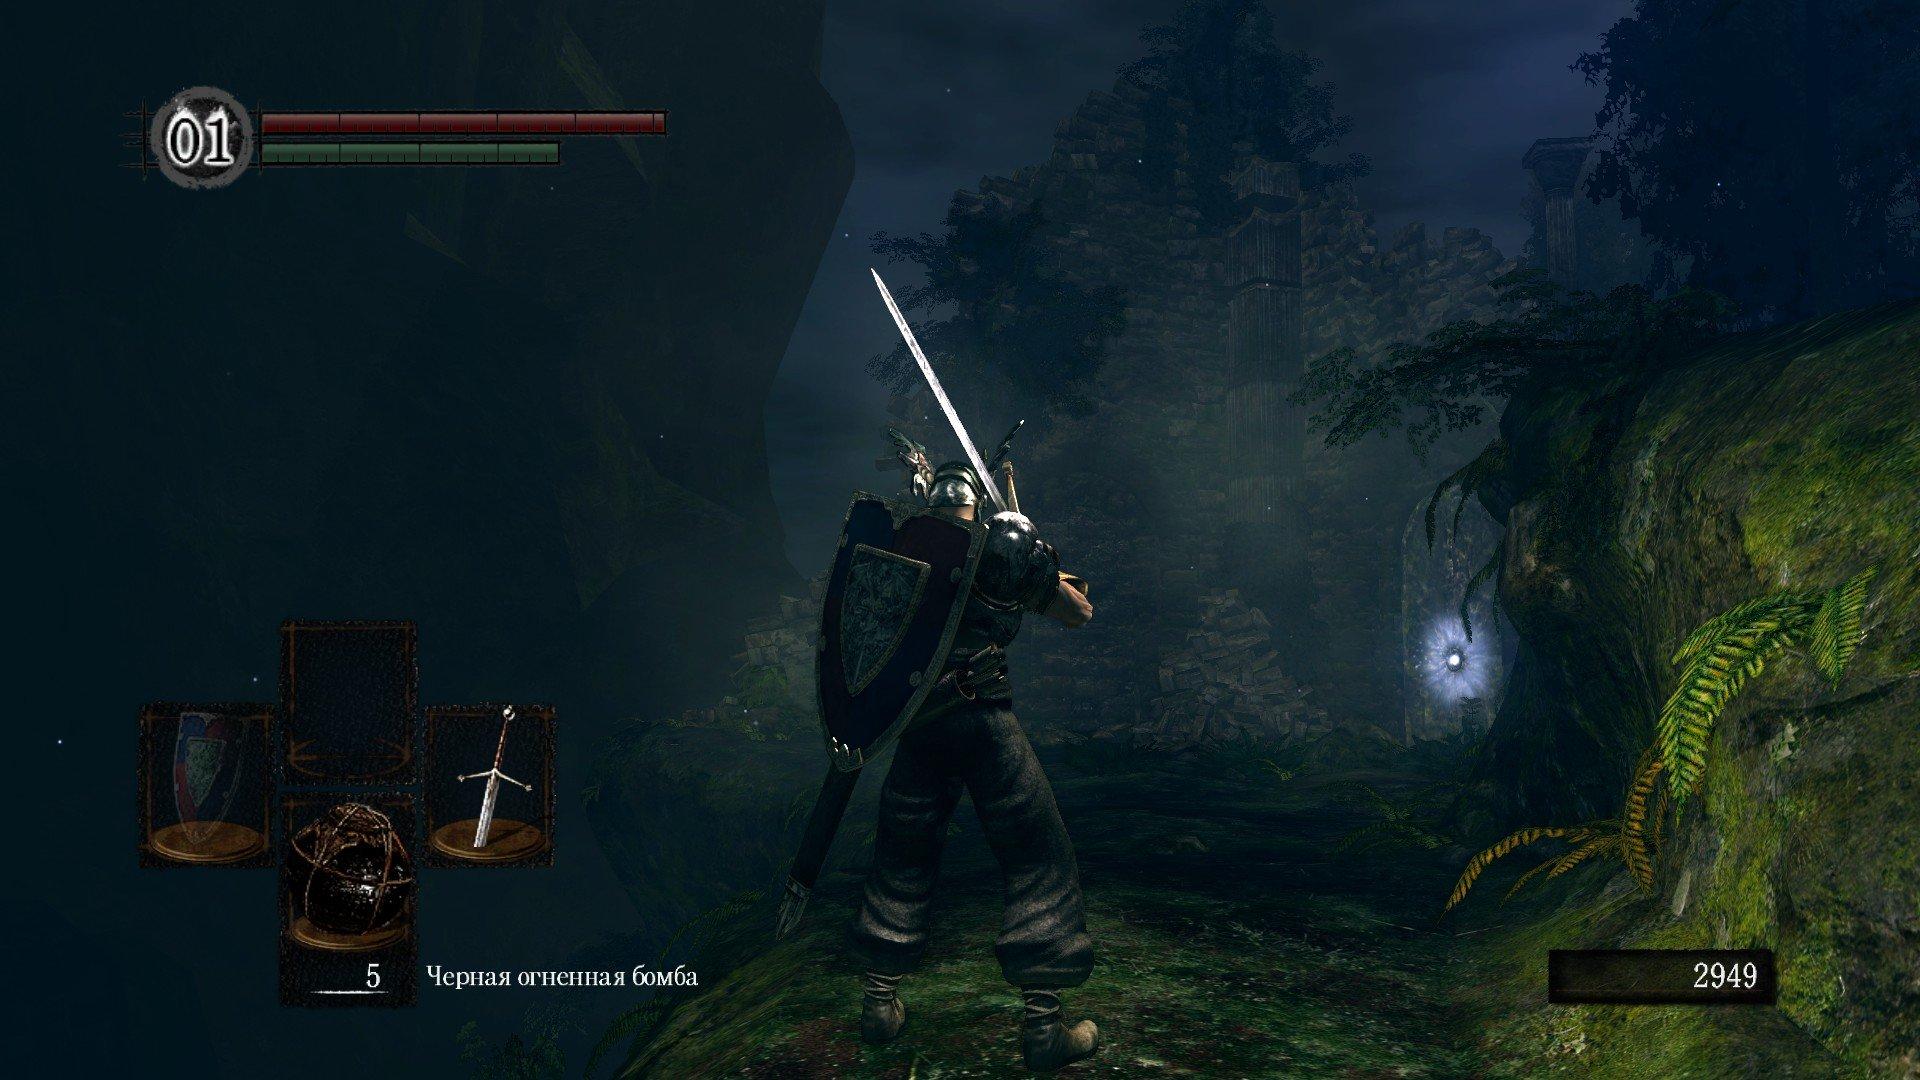 Вопль-прохождение Dark Souls часть 2 ... все в одном посте ... все еще думаю над названием!. - Изображение 6